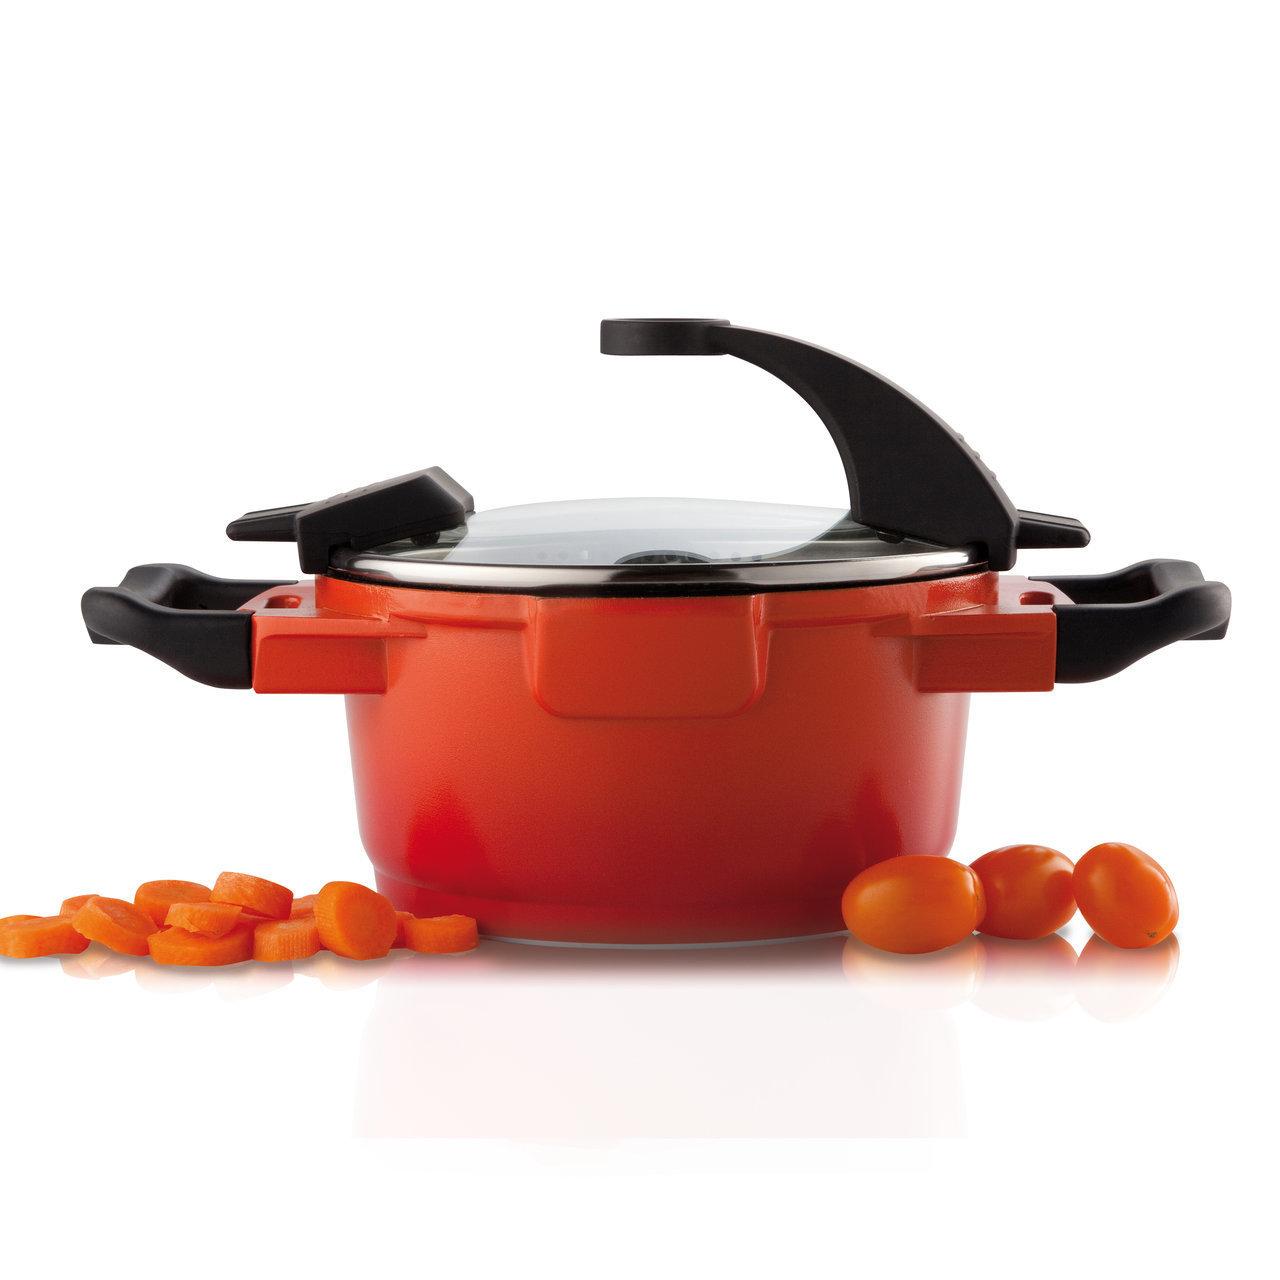 Кастрюля с крышкой 16см 1,5л BergHOFF Virgo Orange 2304900Кастрюли<br>Кастрюля с крышкой 16см 1,5л BergHOFF Virgo Orange 2304900<br><br>Линия Virgo представлена в стильном белом, ярком оранжевом и импозантном темном: соберите набор из одного цвета в пользу единства на вашей кухне или отважьтесь на комбинацию светлого с темным. В идентичном дизайне выполнена и версия из нержавеющей стали.<br>Для всех типов блюд маленького или среднего размера, гарниров, идеален для тушения овощей. Прочная и простая в использовании посуда с быстрым и равномерным распределением тепла. Эргономичная ручка обеспечивает безопасный захват и удобство в поднятии кастрюли.<br>Благодаря стеклянной крышке можно наблюдать за ингредиентами в кастрюле. Не нужно поднимать крышку, растрачивая энергию и вкусовые качества. Эта линия кастрюль и сковород характеризуется элегантно сформированным корпусом, красиво контрастирующим с черными ненагревающимися ручками. Оригинальная крышка предлагает ряд хорошо продуманных функций.<br>Эти большие эргономичные ручки крышки не нагреваются в процессе приготовления. Продуманный дизайн прмещает крышку на кастрюле таким образом, что во время приготовления и подачи одна рука всегда остается свободной. Другая вставка, очень похожая на ту, которая удерживает крышку вертикально на кастрюле, предлагает дополнительную функциональность, когда крышка лежит на кастрюле: просто положите на них большие пальцы для удобного и безопасного слива воды.<br>Многослойное и армированное, свободное от ПФОК антипригарное покрытие для удобного извлечения пищи и легкой чистки. Не содержит ни свинца, ни кадмия. Носики, по одному с каждой стороны, для аккуратного слива.<br>Официальный продавец BergHOFF<br>